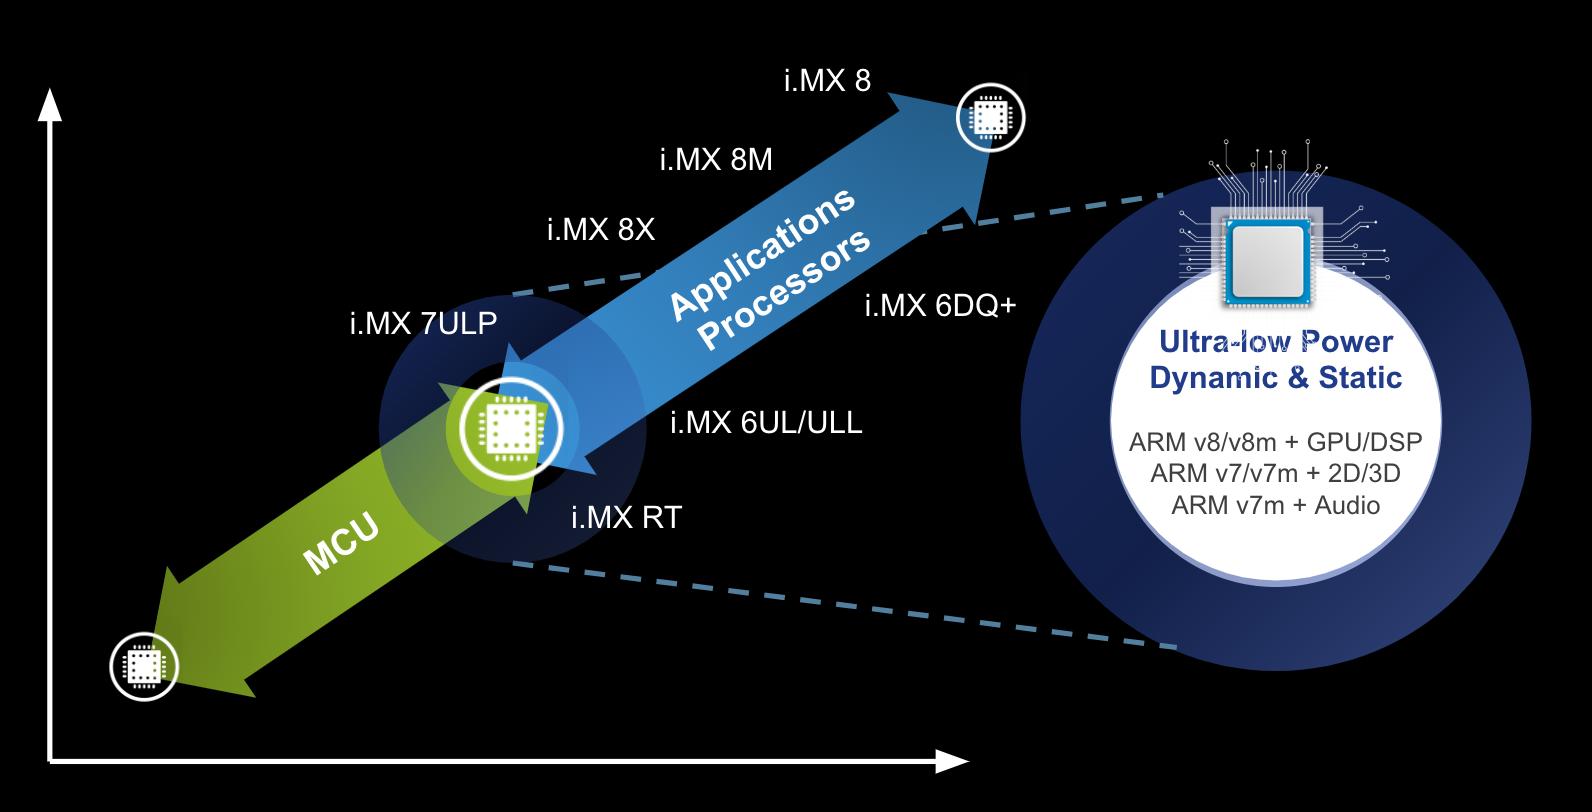 NXP-hardware-comparison